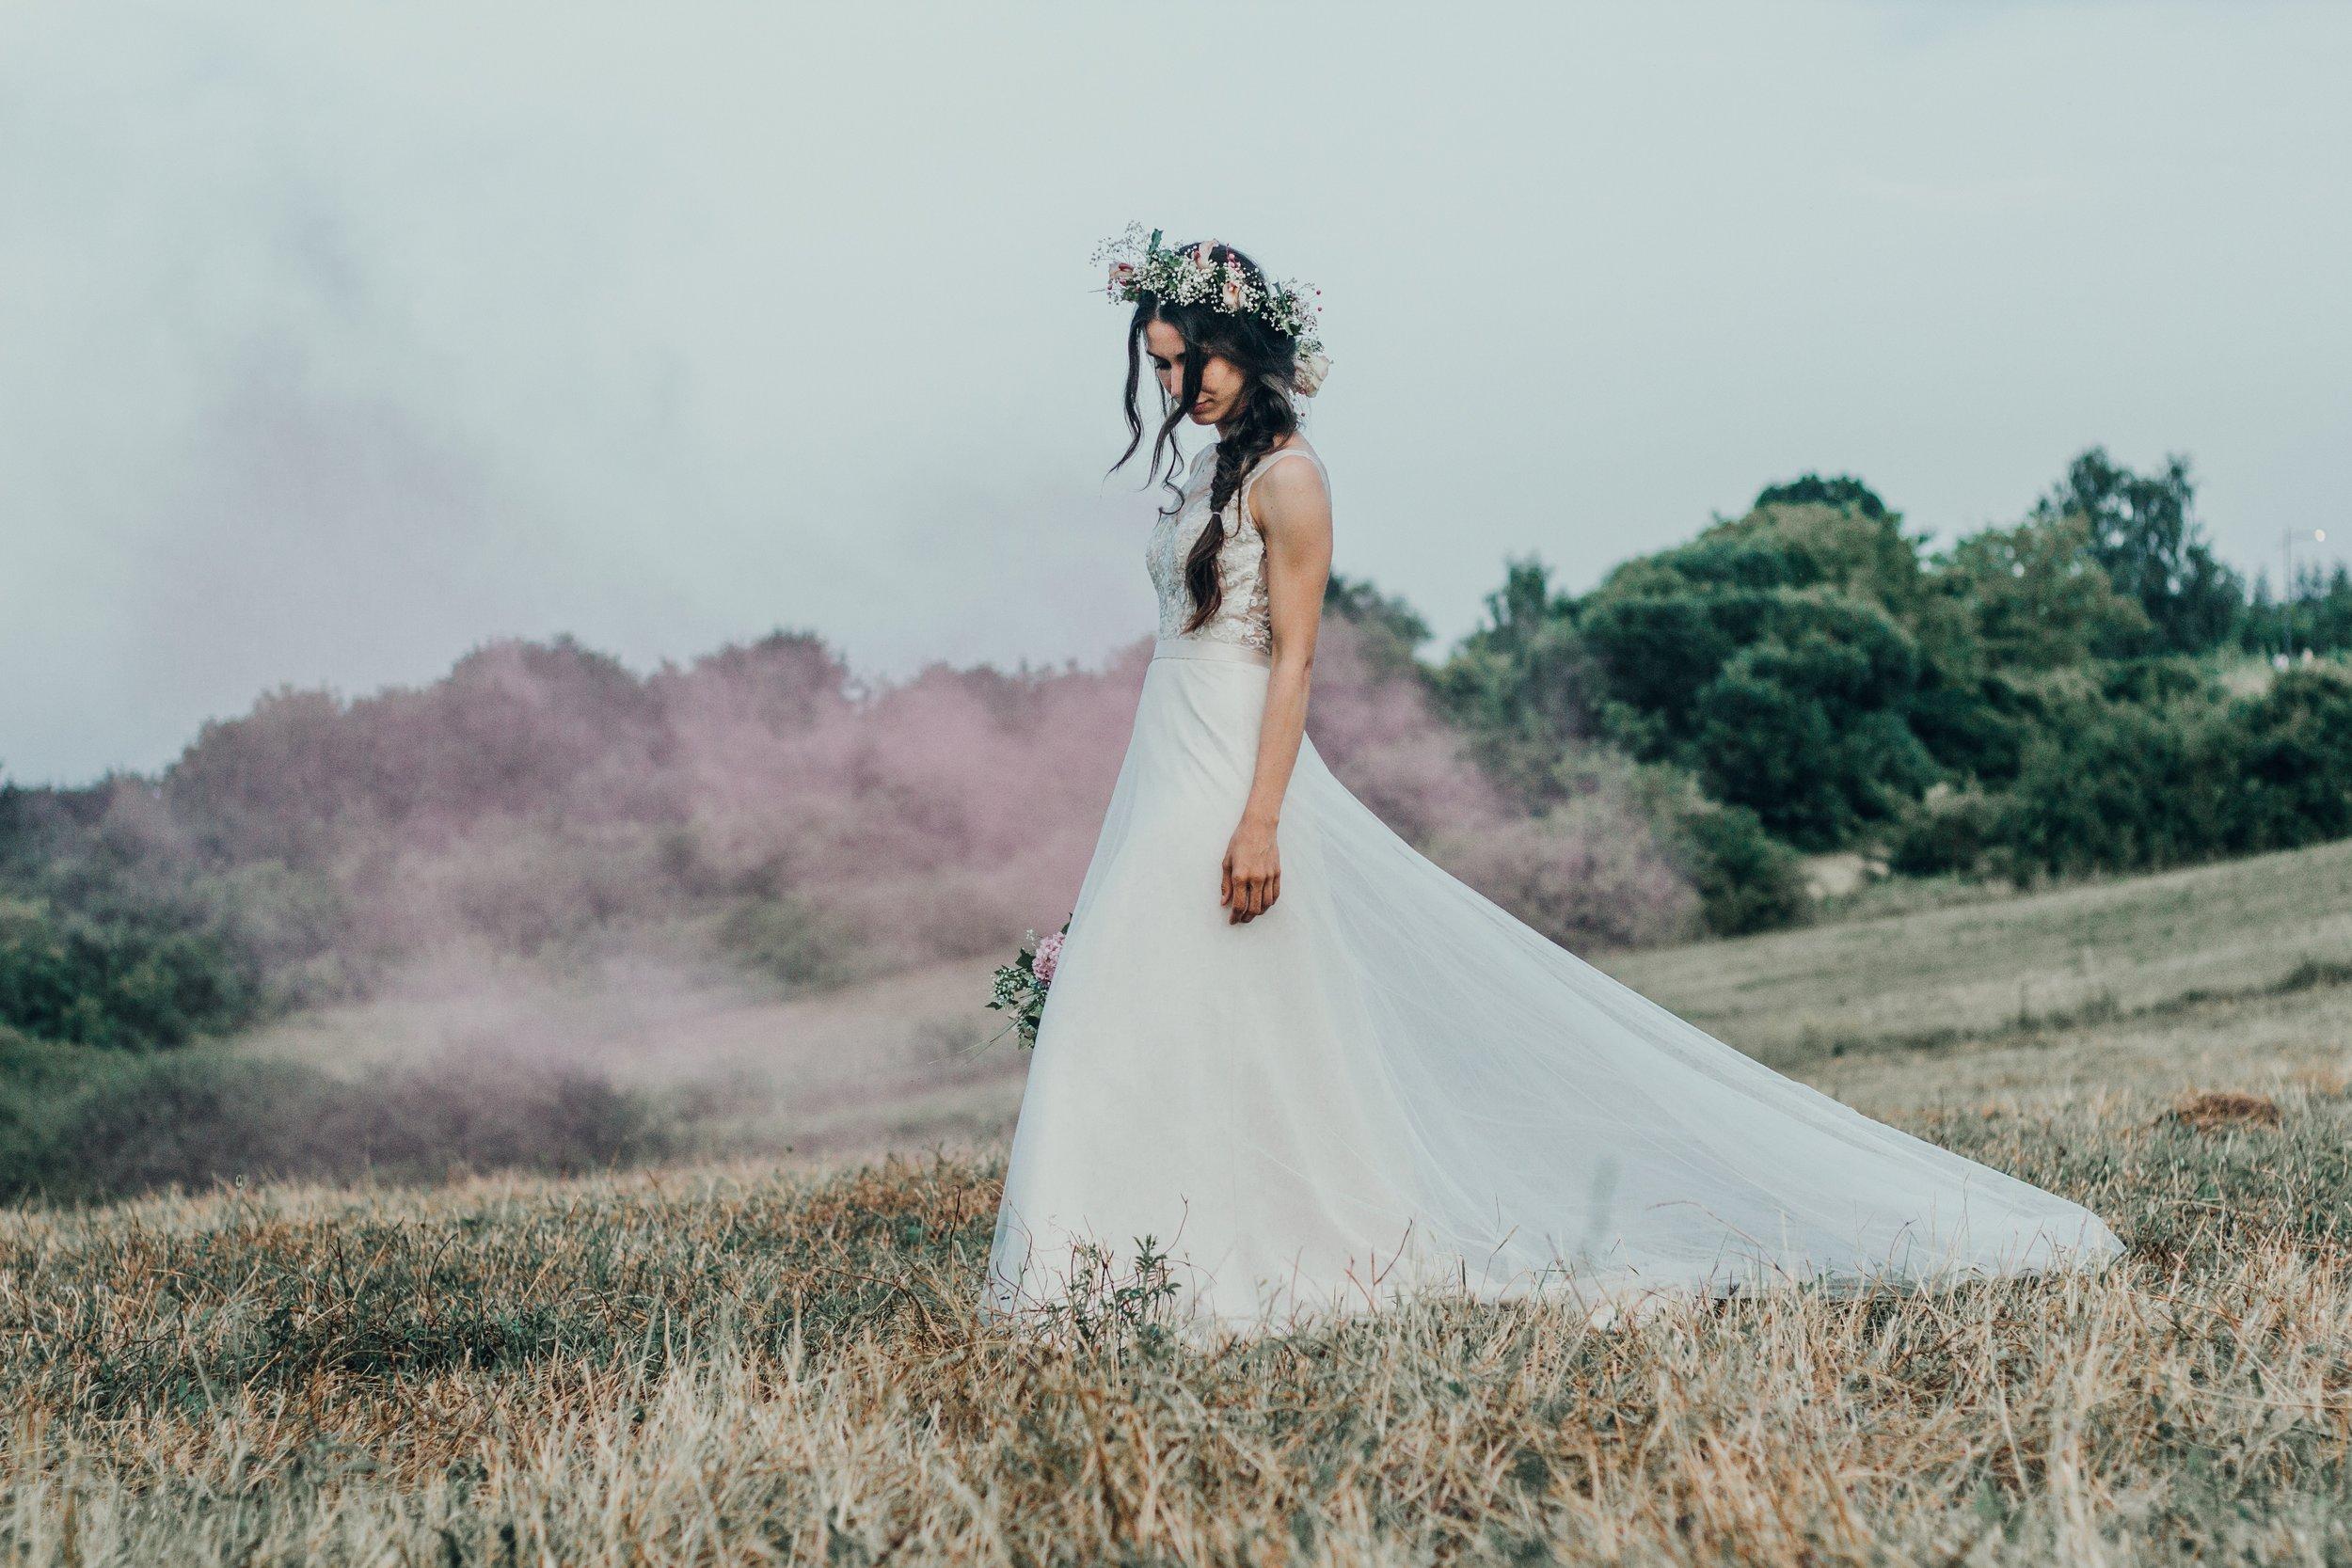 beautiful-bride-dress-819244 (1).jpg